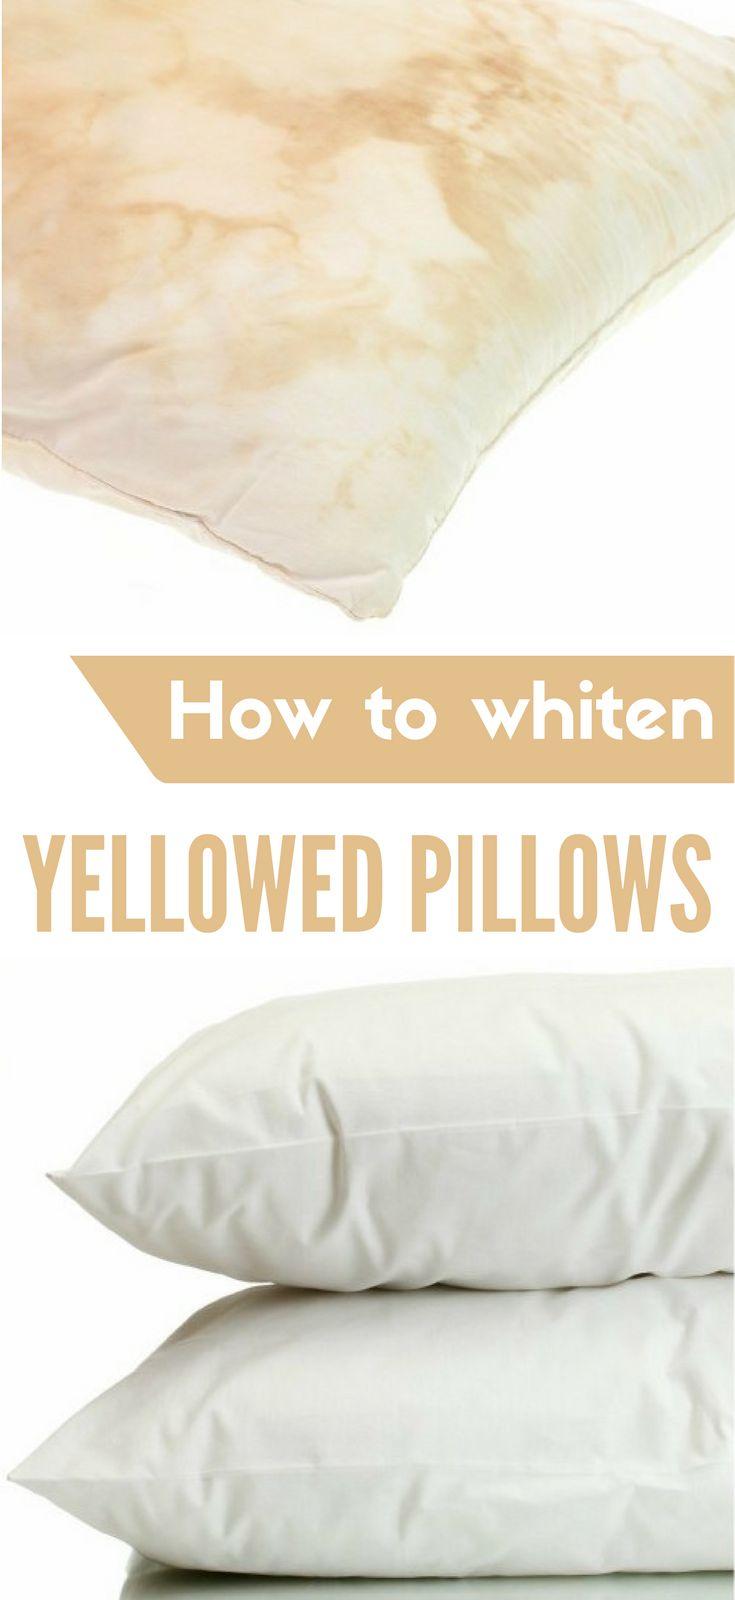 17 best ideas about whiten pillows on pinterest wash yellow pillows clean yellow pillows and - Whiten yellowed pillows ...